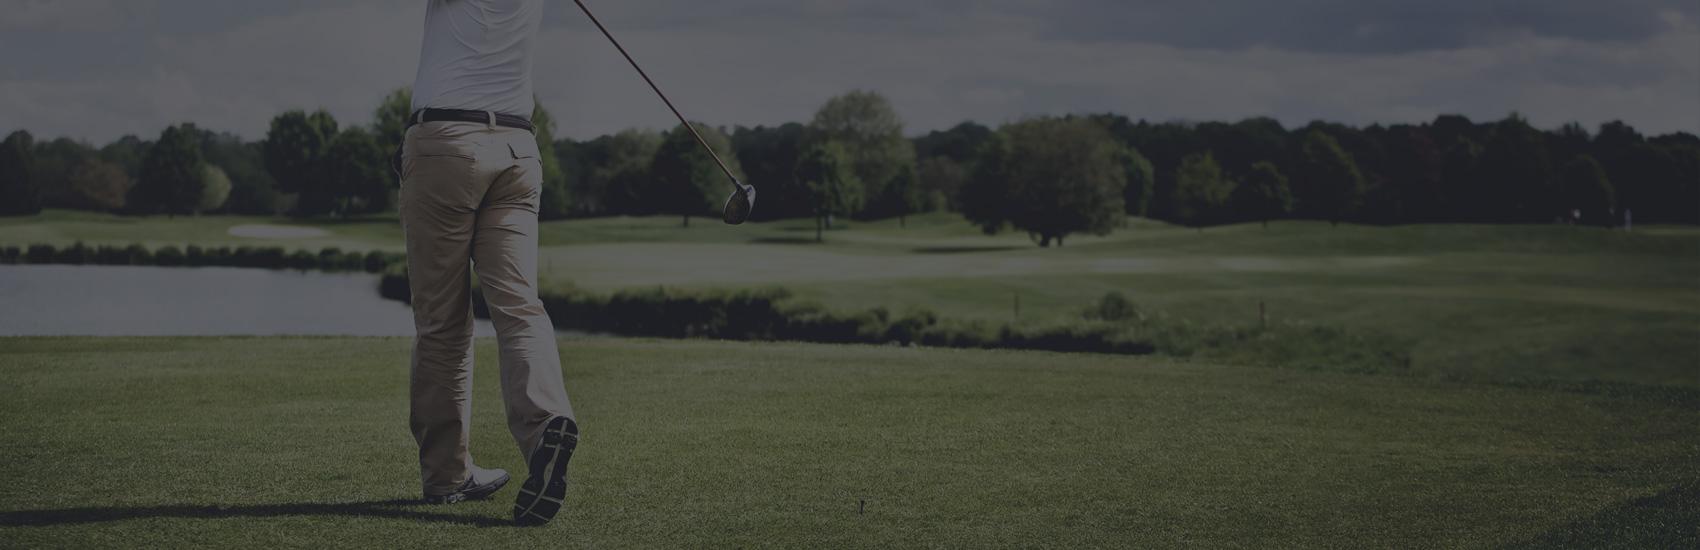 74 000$ en bourses individuelles pour le programme de Golf Québec / FAEQ